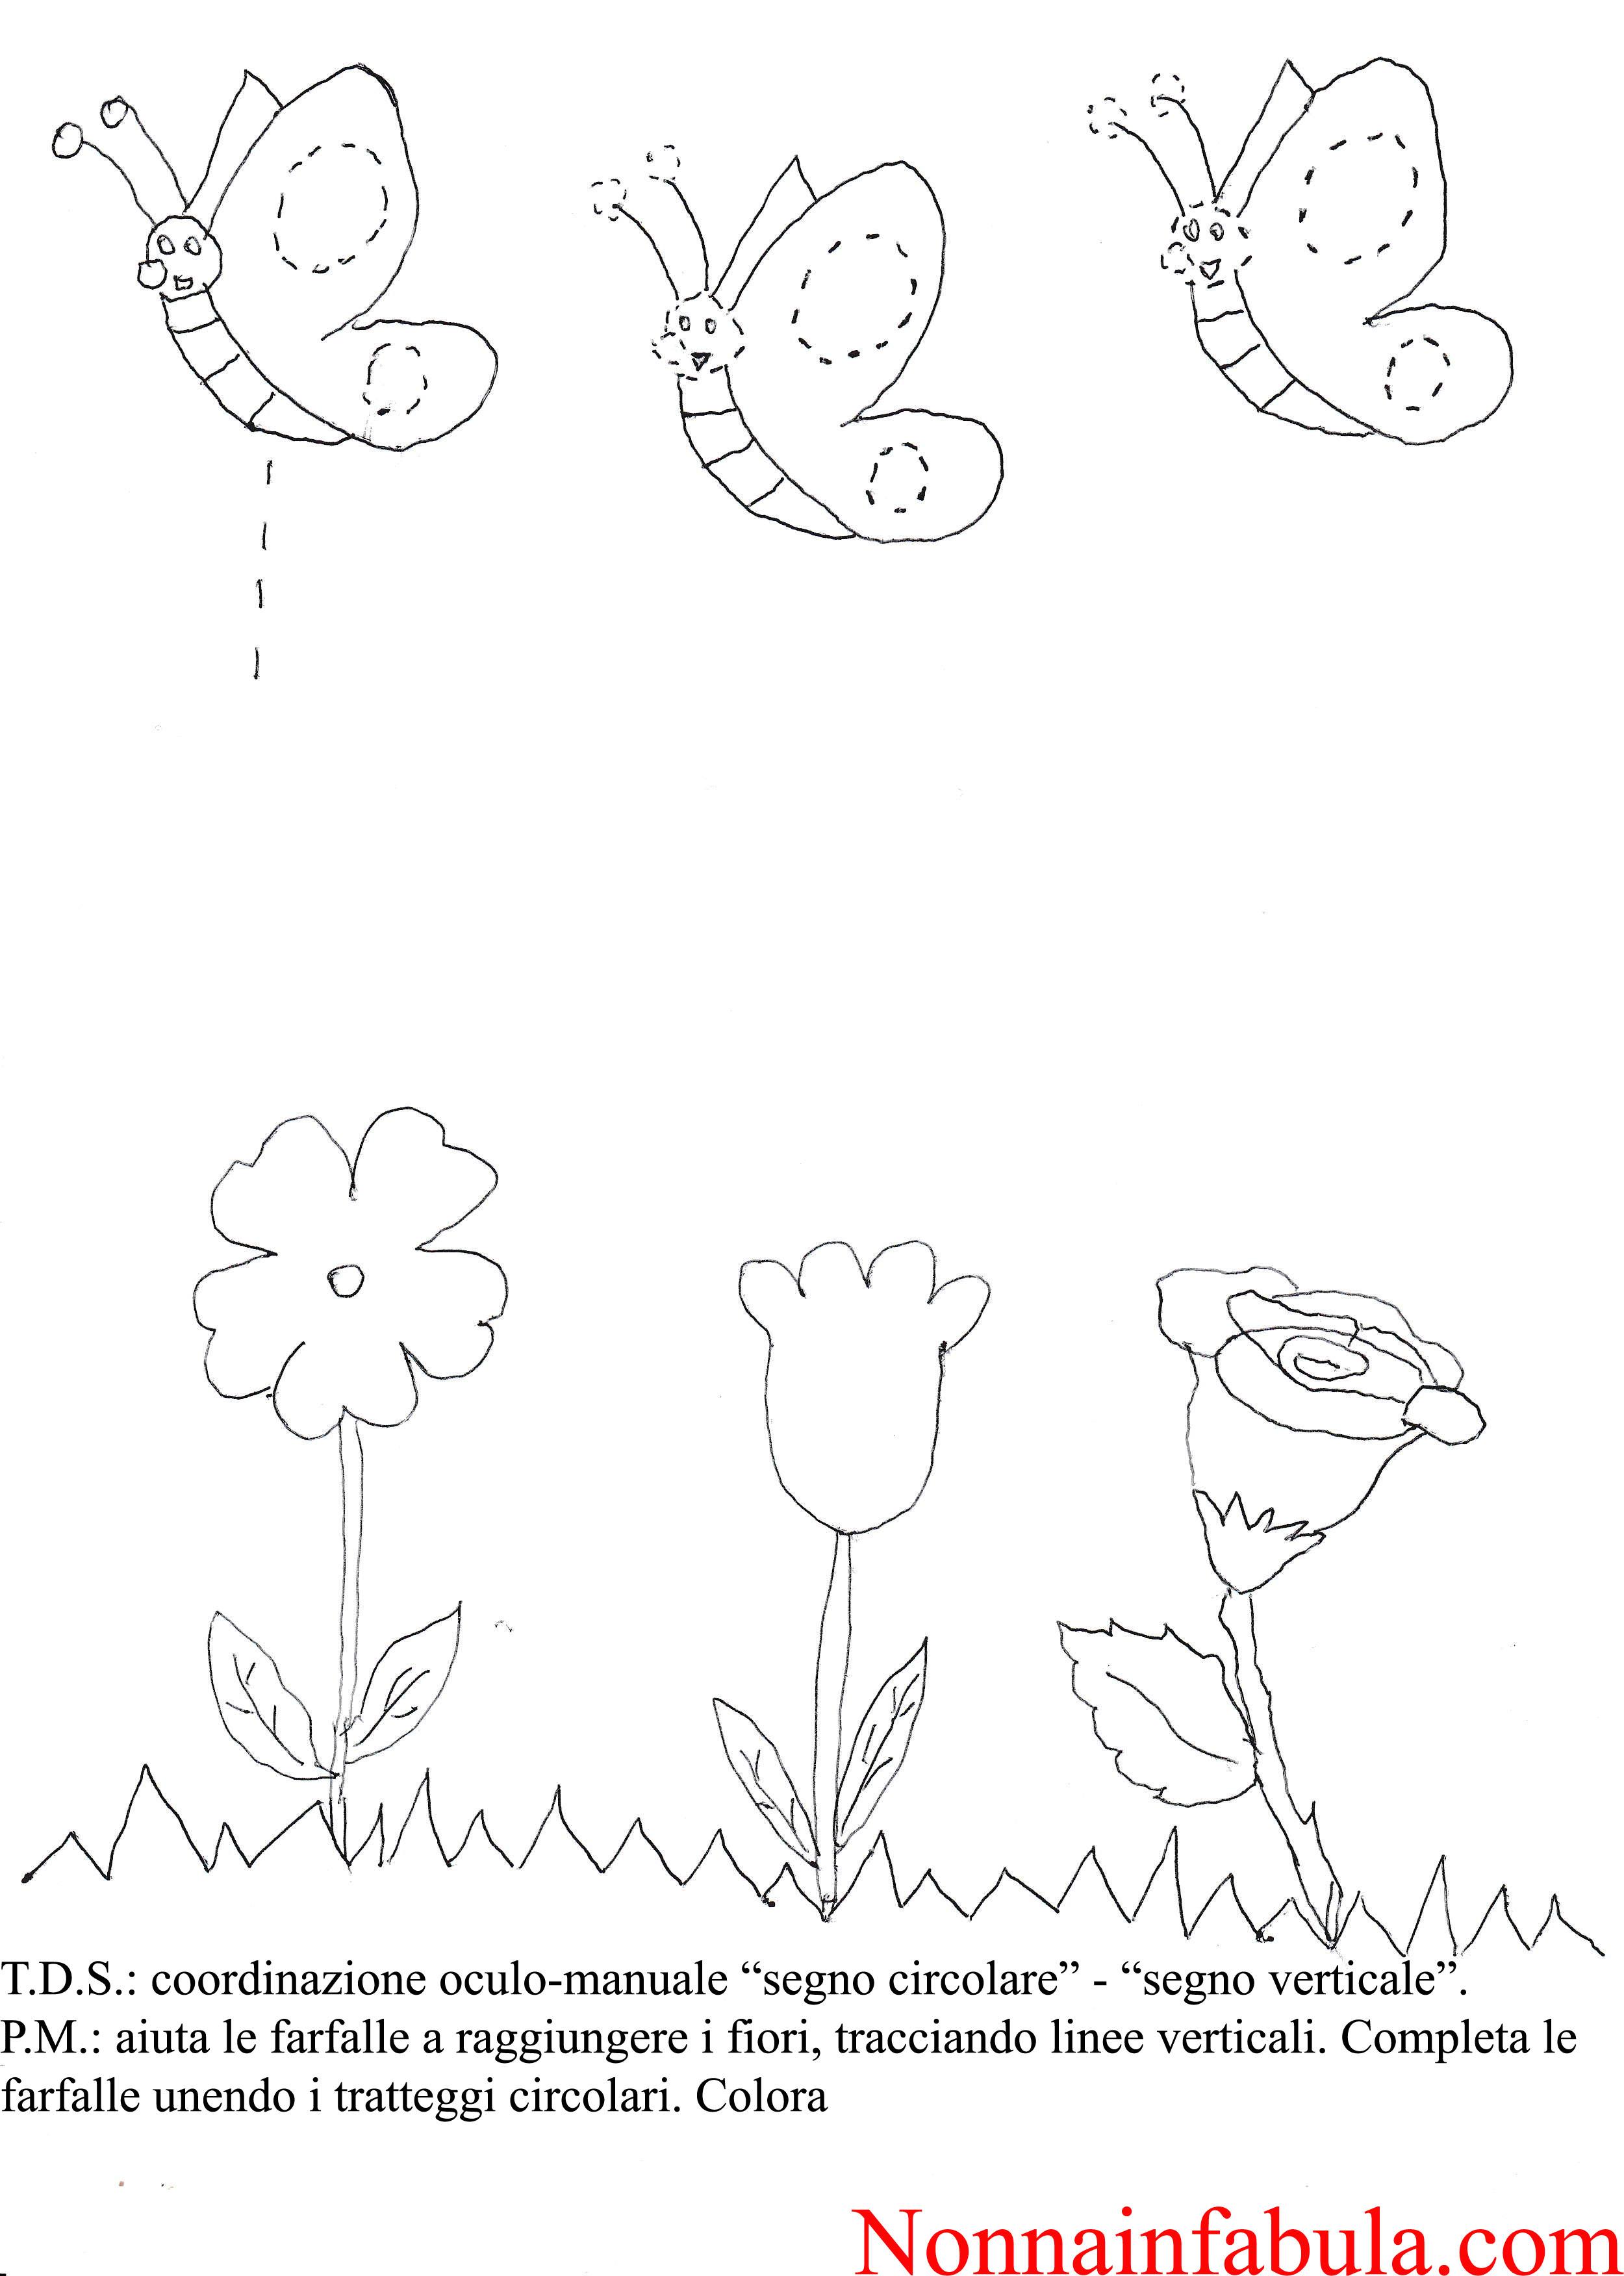 Coloratuttowebsite Disegni Da Colorare Pasqua Scuola Materna